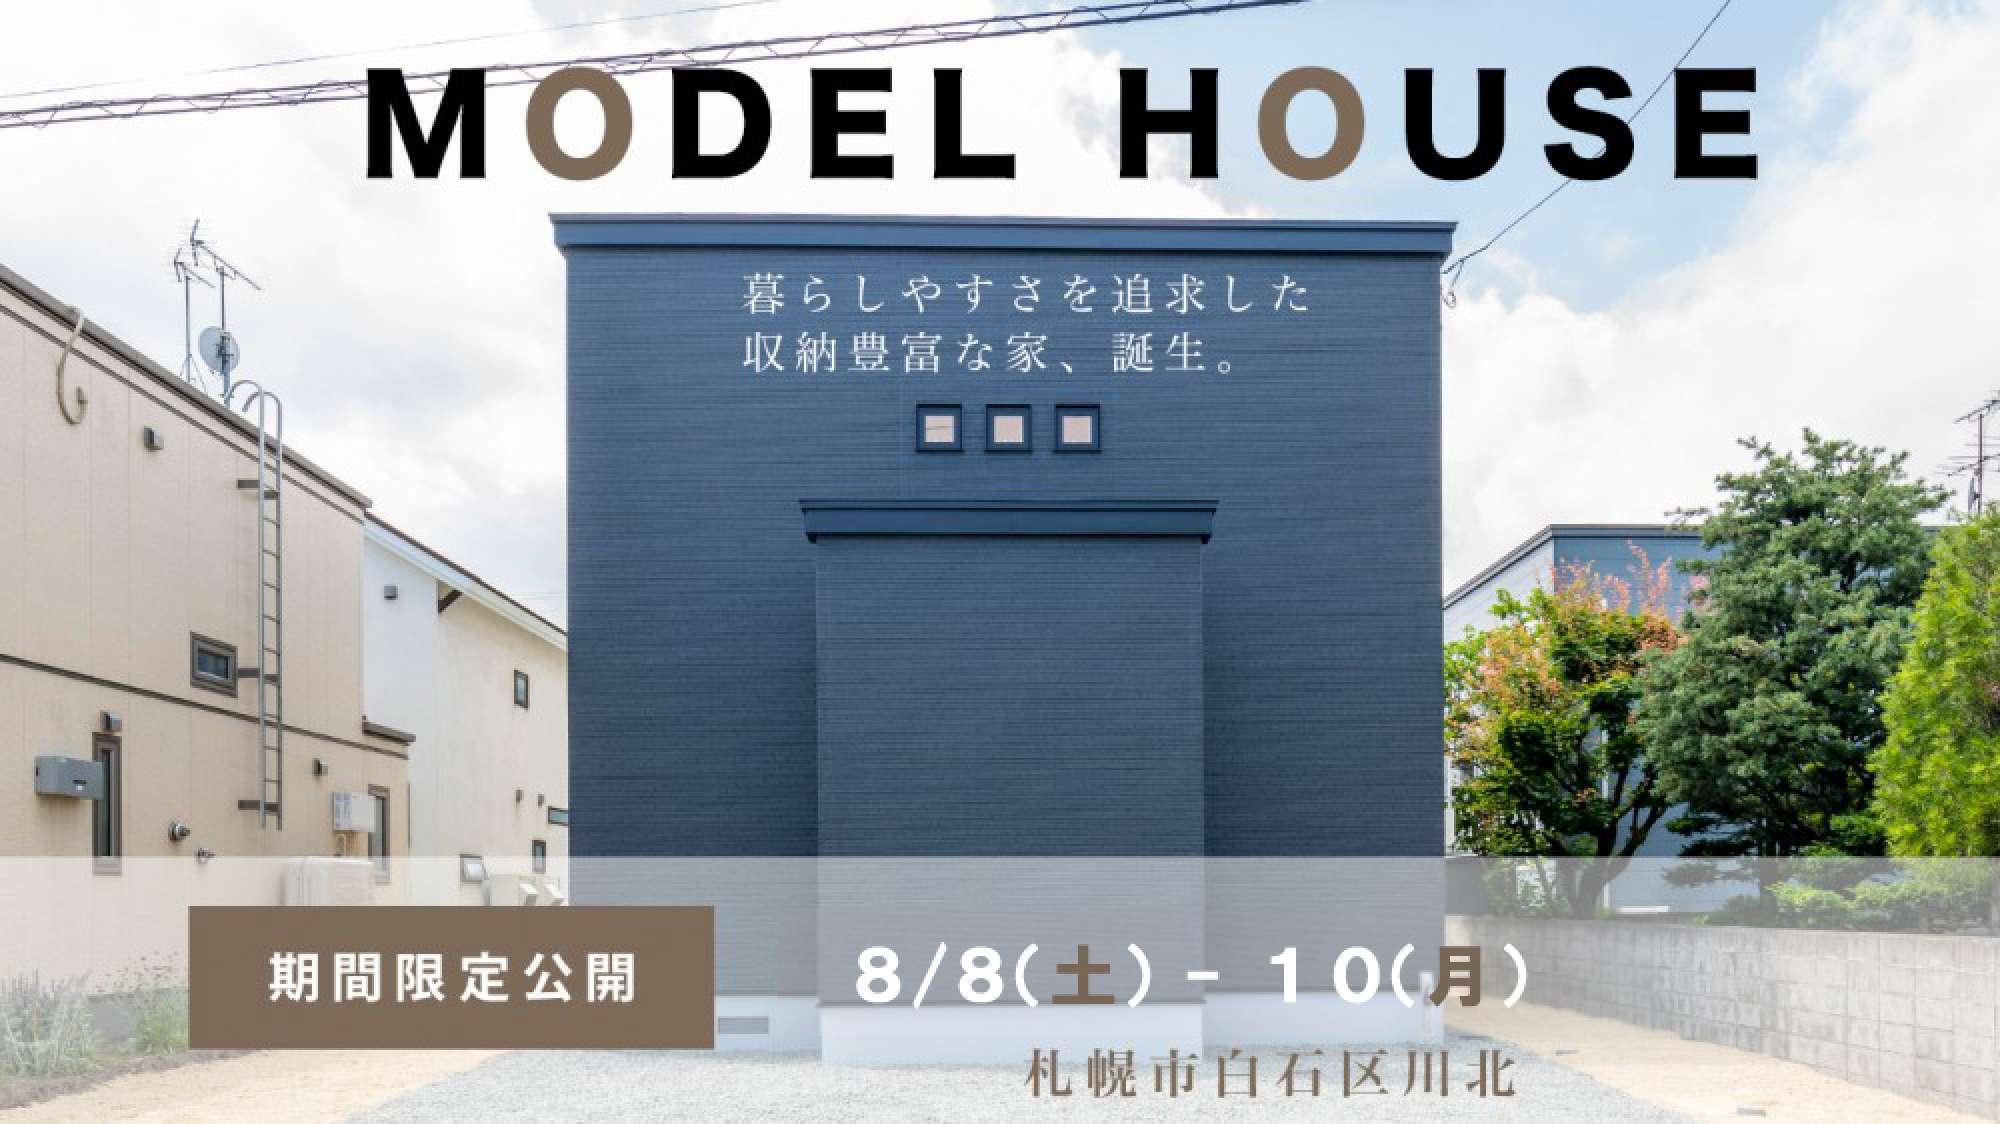 8/8(土)〜10(月) 開催 白石区川北モデルハウス見学会 -